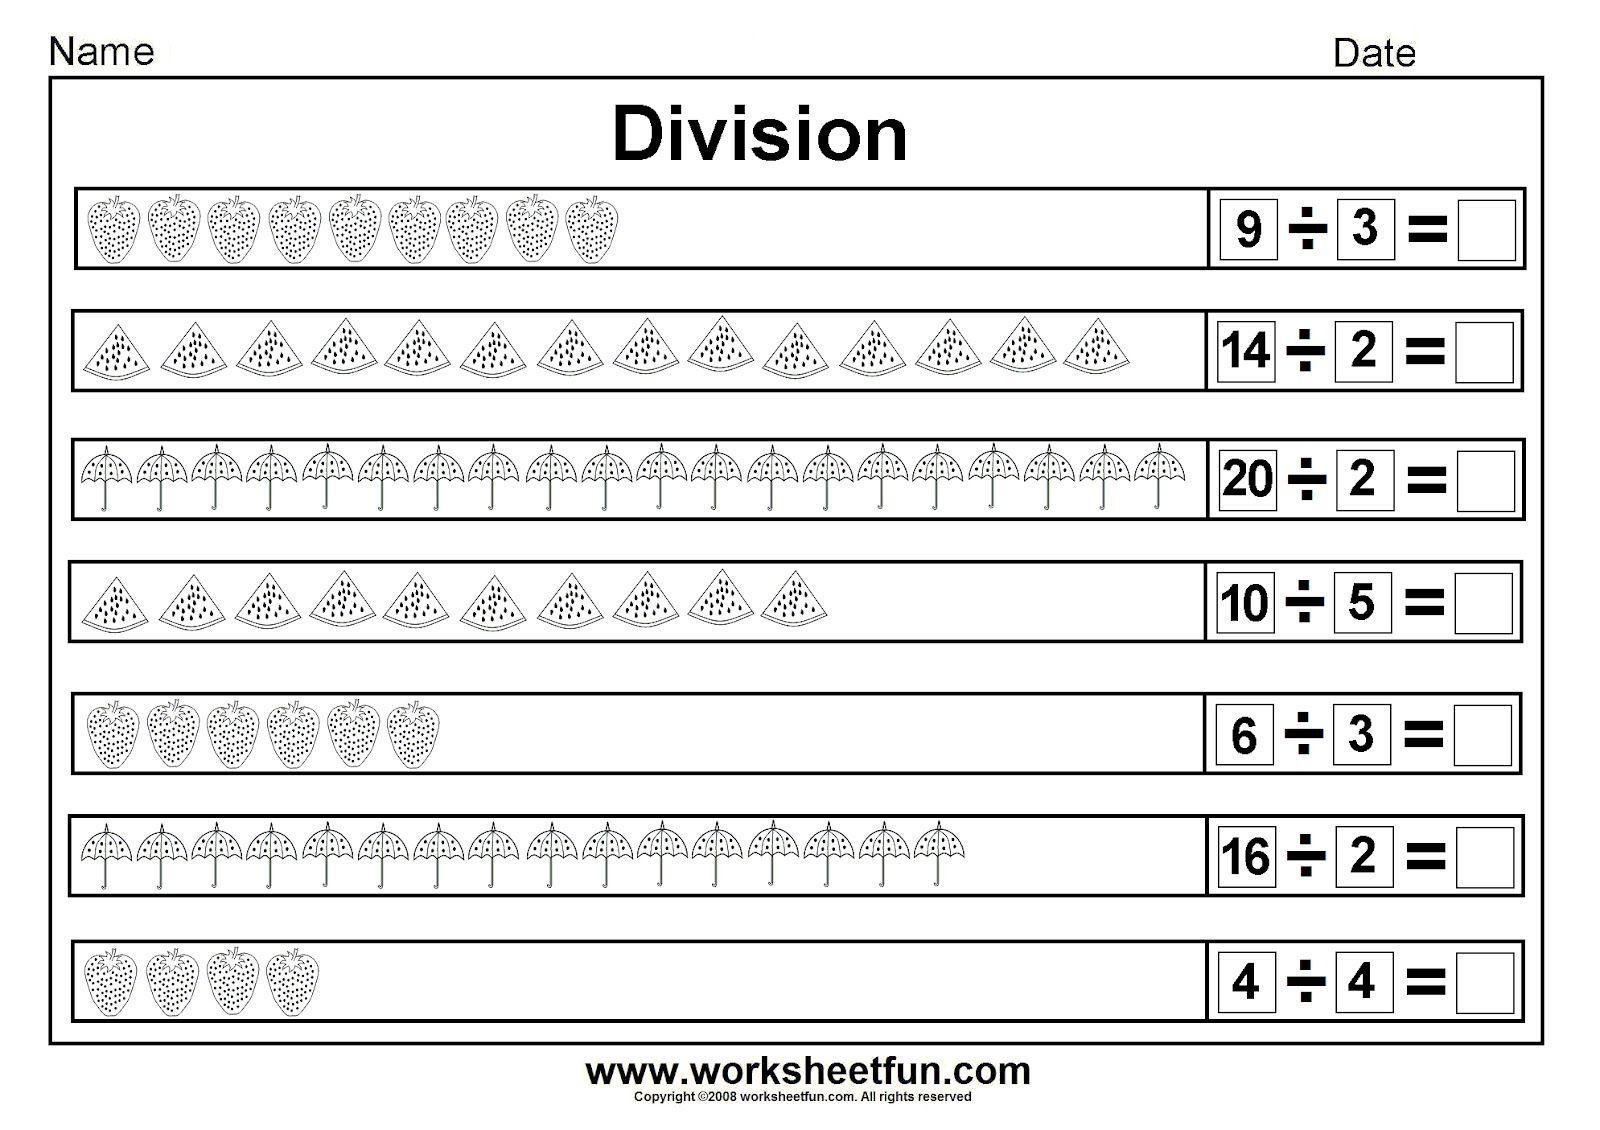 Worksheets 3 Grade Division Worksheets division worksheets beginner picture sharing equally 14